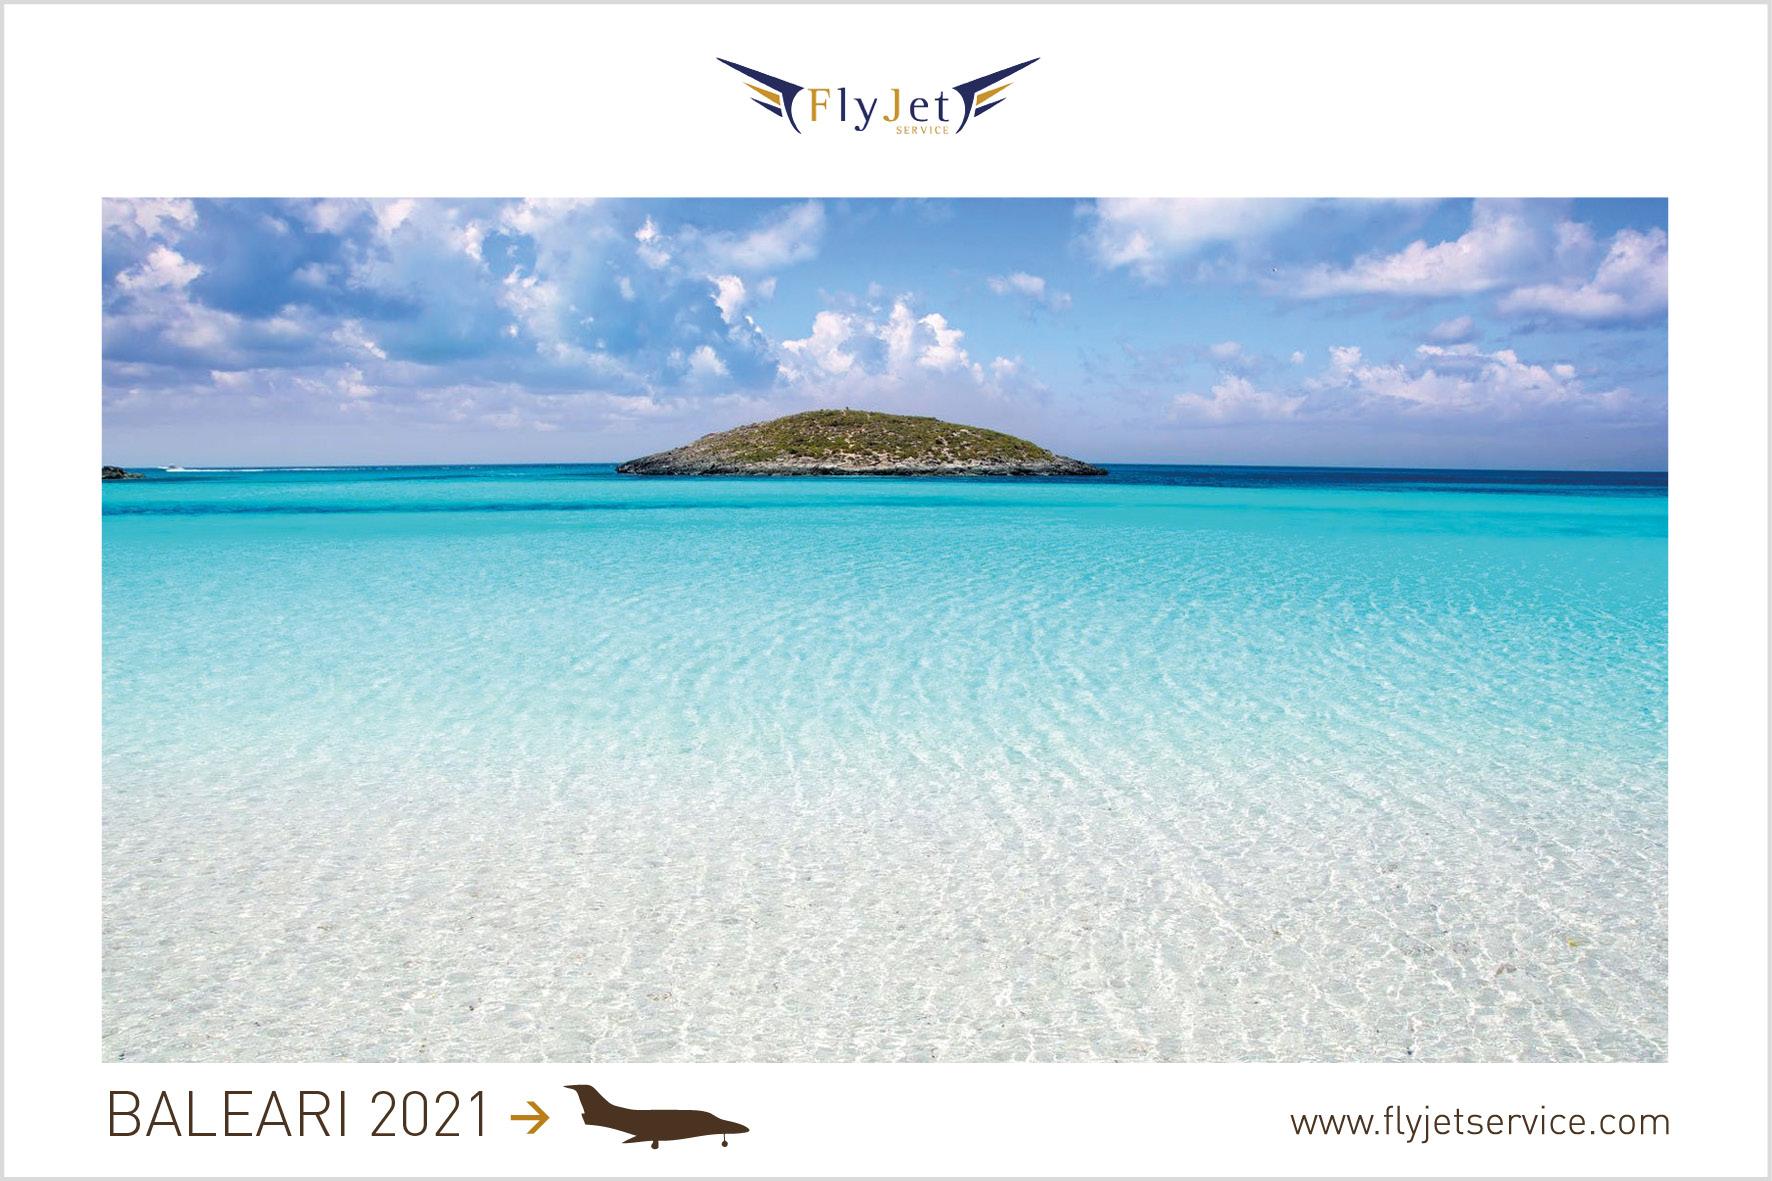 Le isole Baleari si preparano al meglio per un'estate sicura e divertente, tu preparati prenotando in anticipo il volo in jet privato.